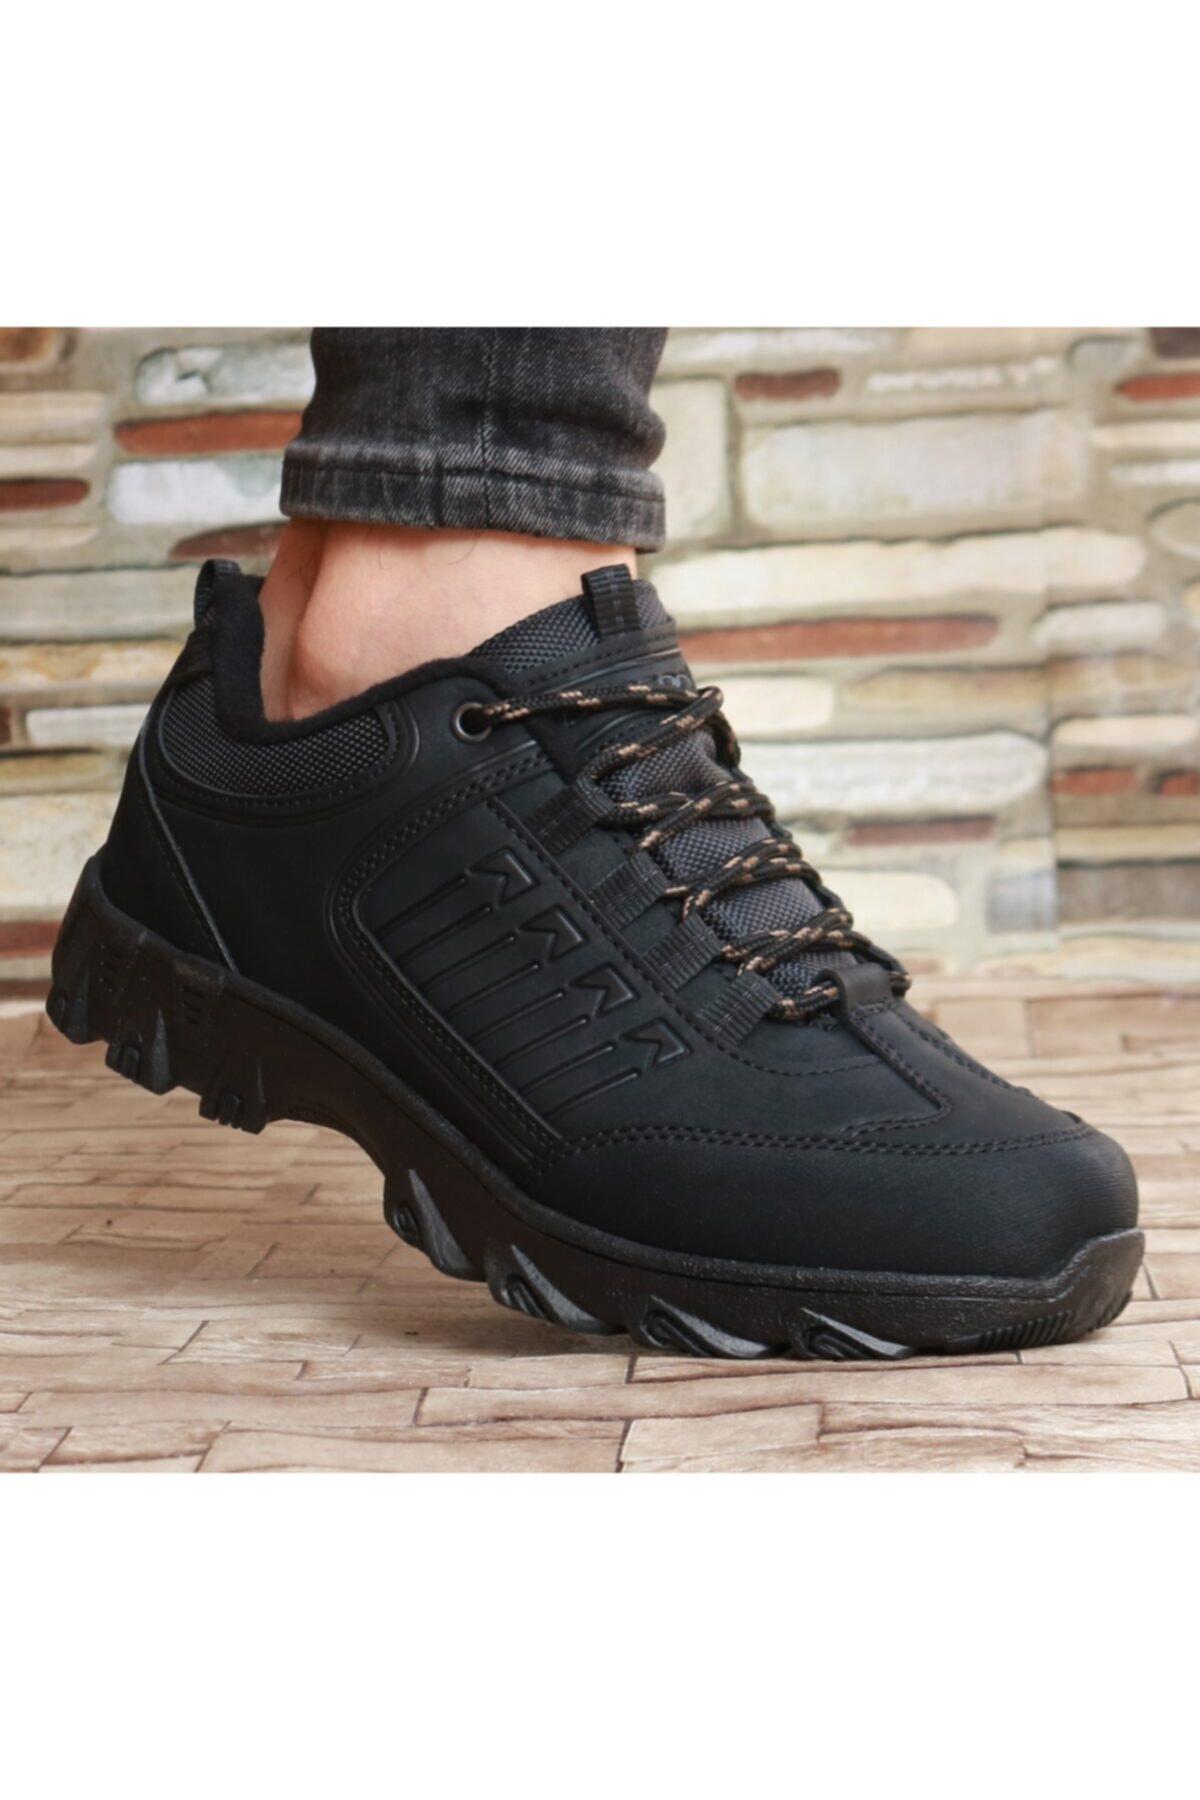 Ayakkabix Su Ve Soğuka Dayanıklı Erkek Kışlık Ayakkabı Bot 1